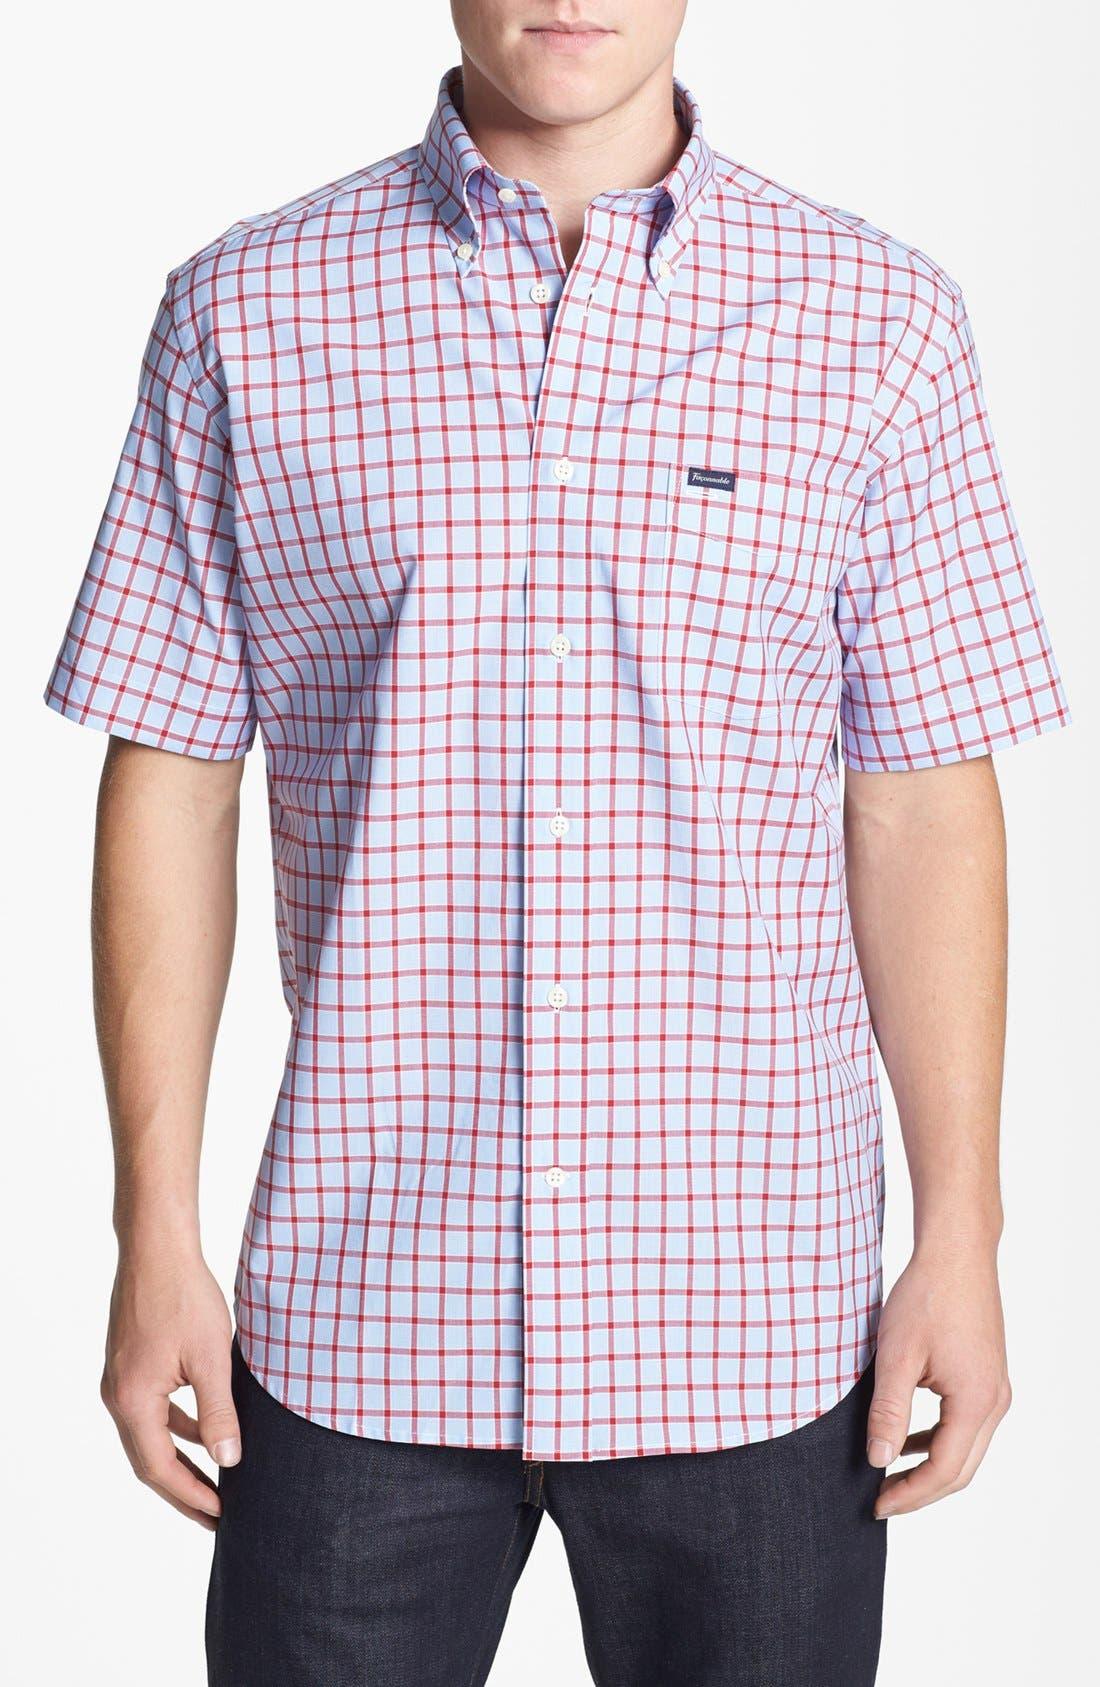 Alternate Image 1 Selected - Façonnable Classique Fit Sport Shirt